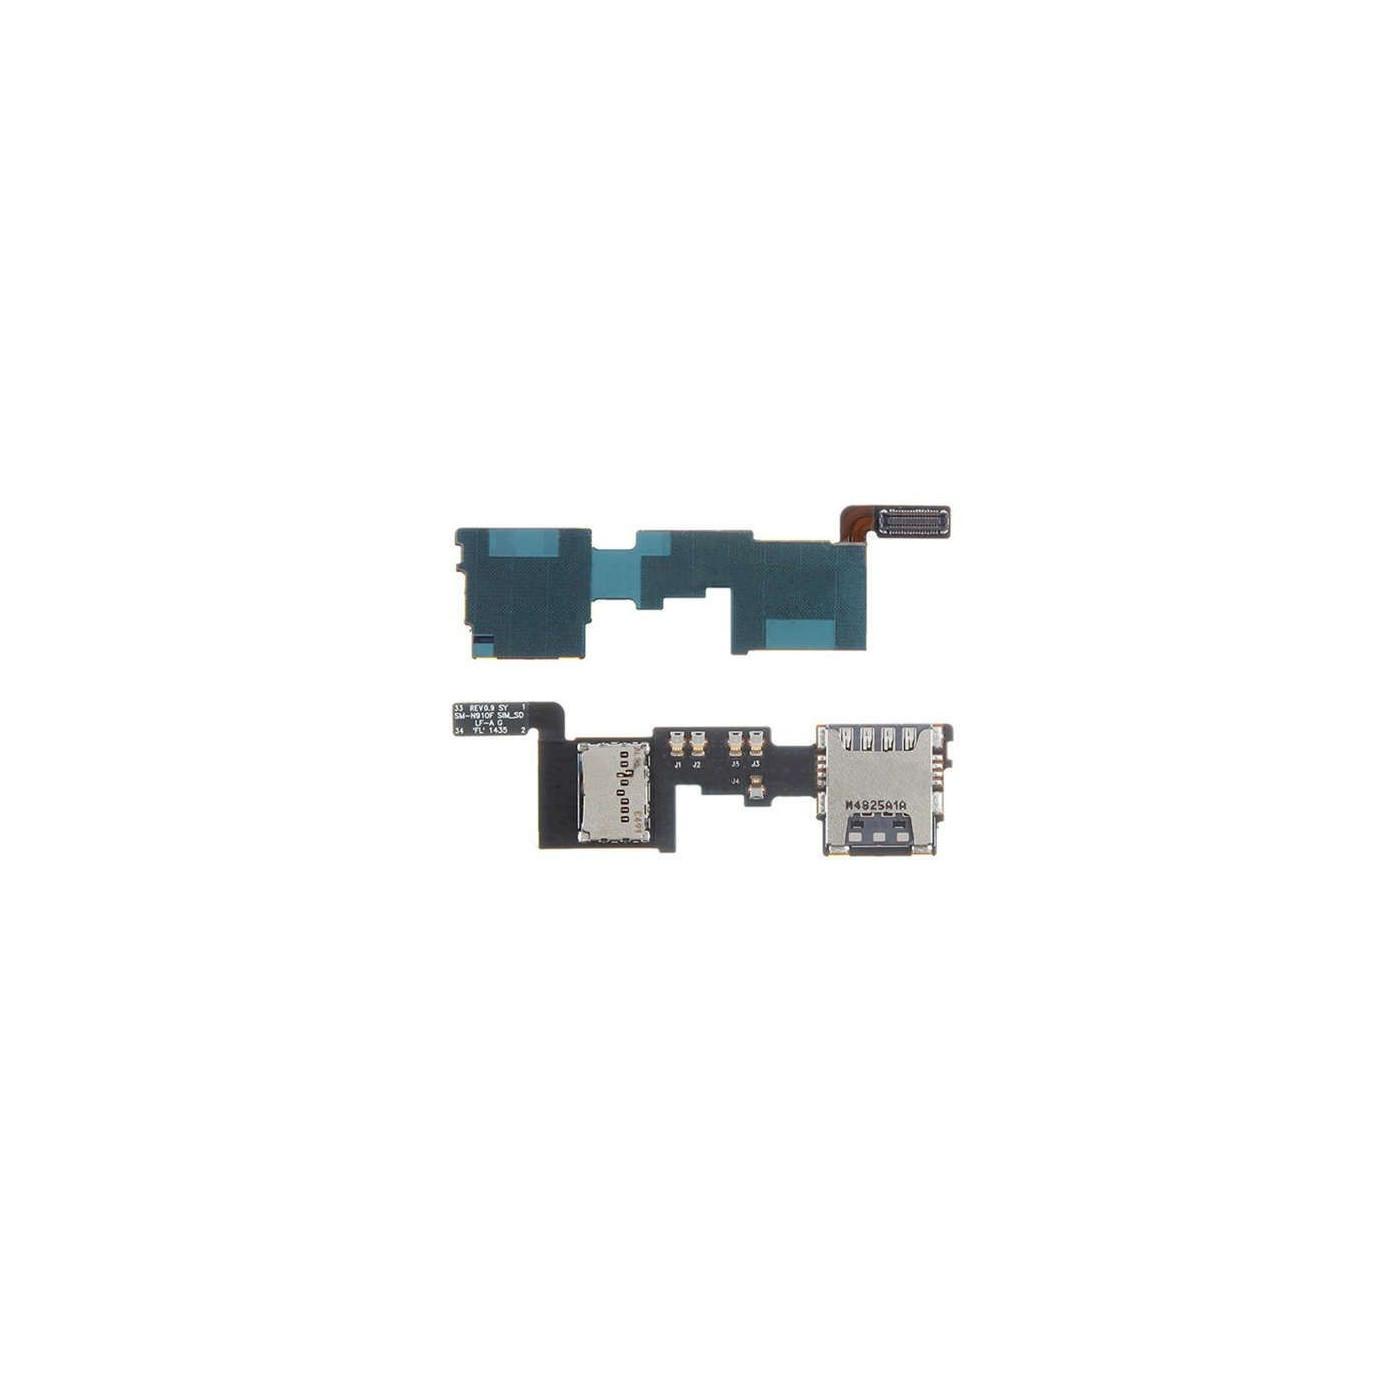 Lecteur de carte SIM et micro sd samsung galaxie note 4 N910F - NOTE IV flex plat